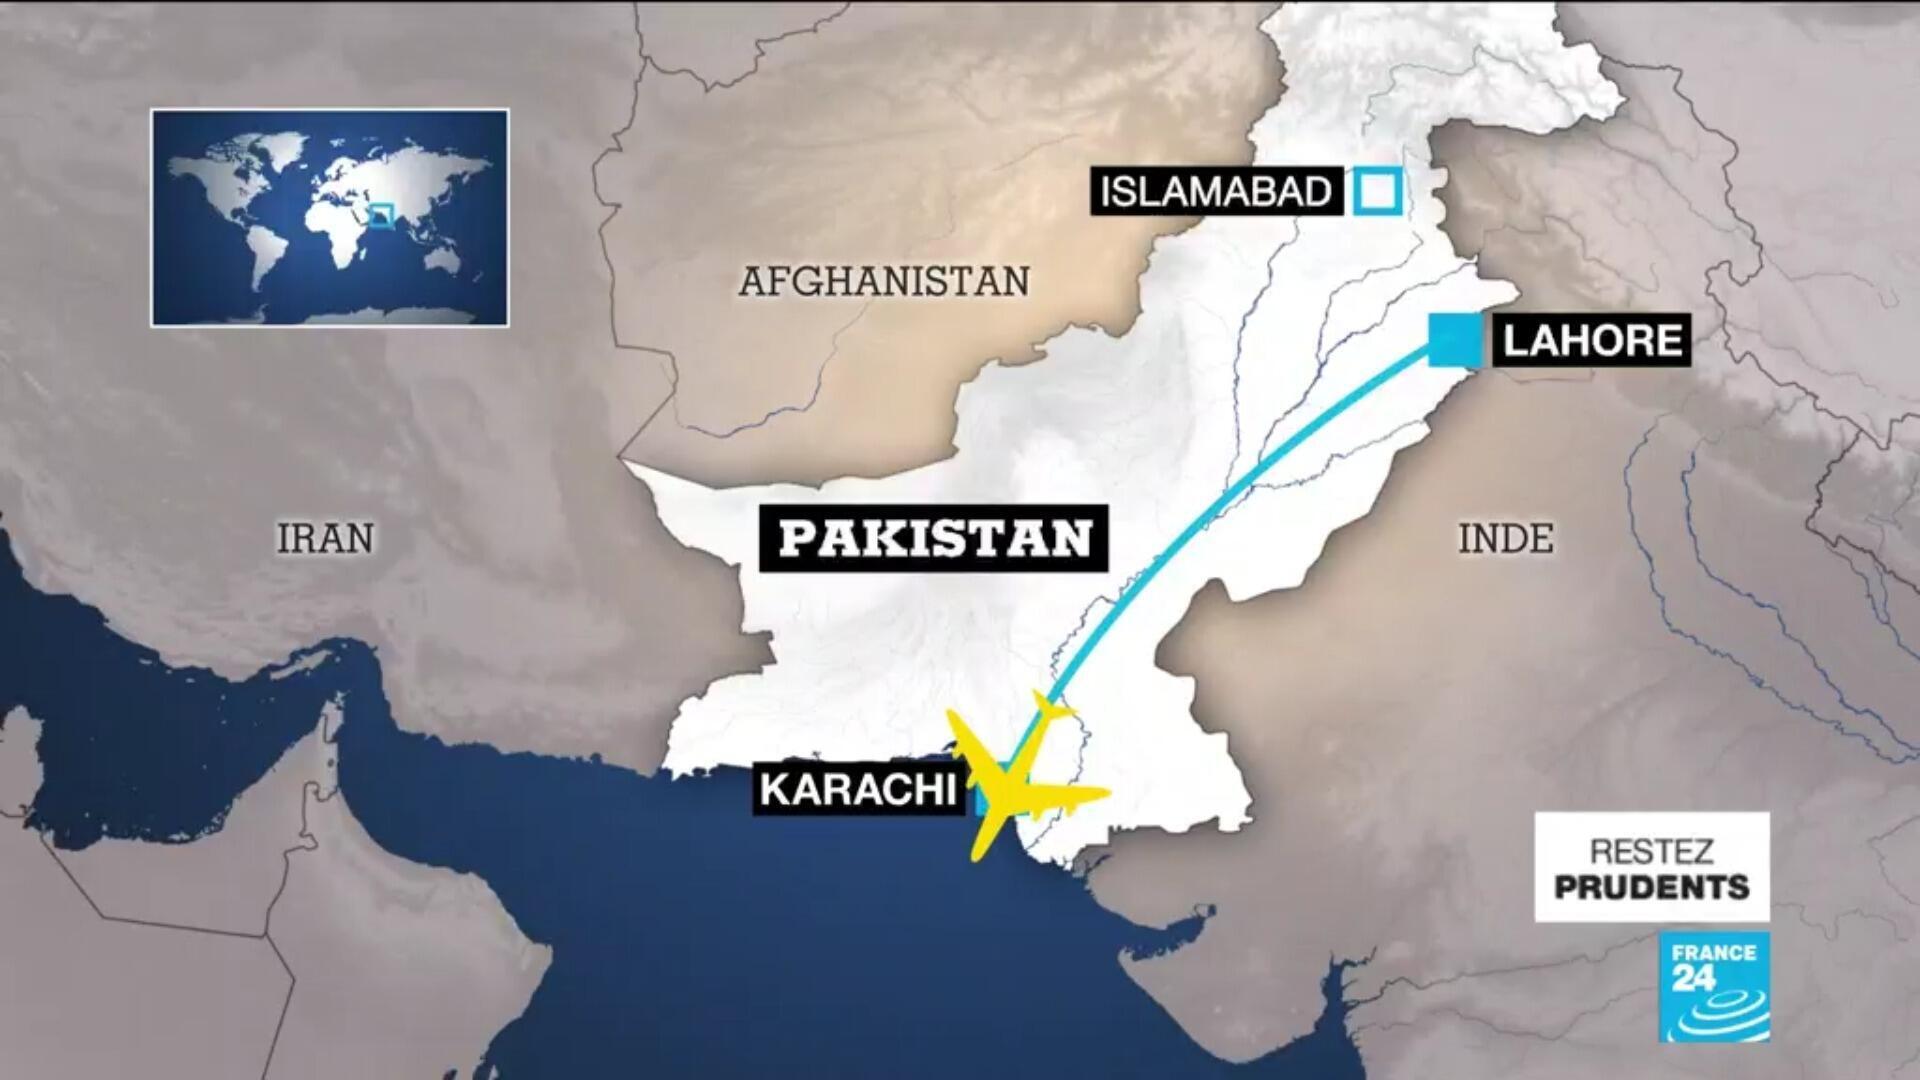 L'Airbus A320 qui s'est écrasé à Karachi le 22 mai 2020 était en provenance de Lahore.